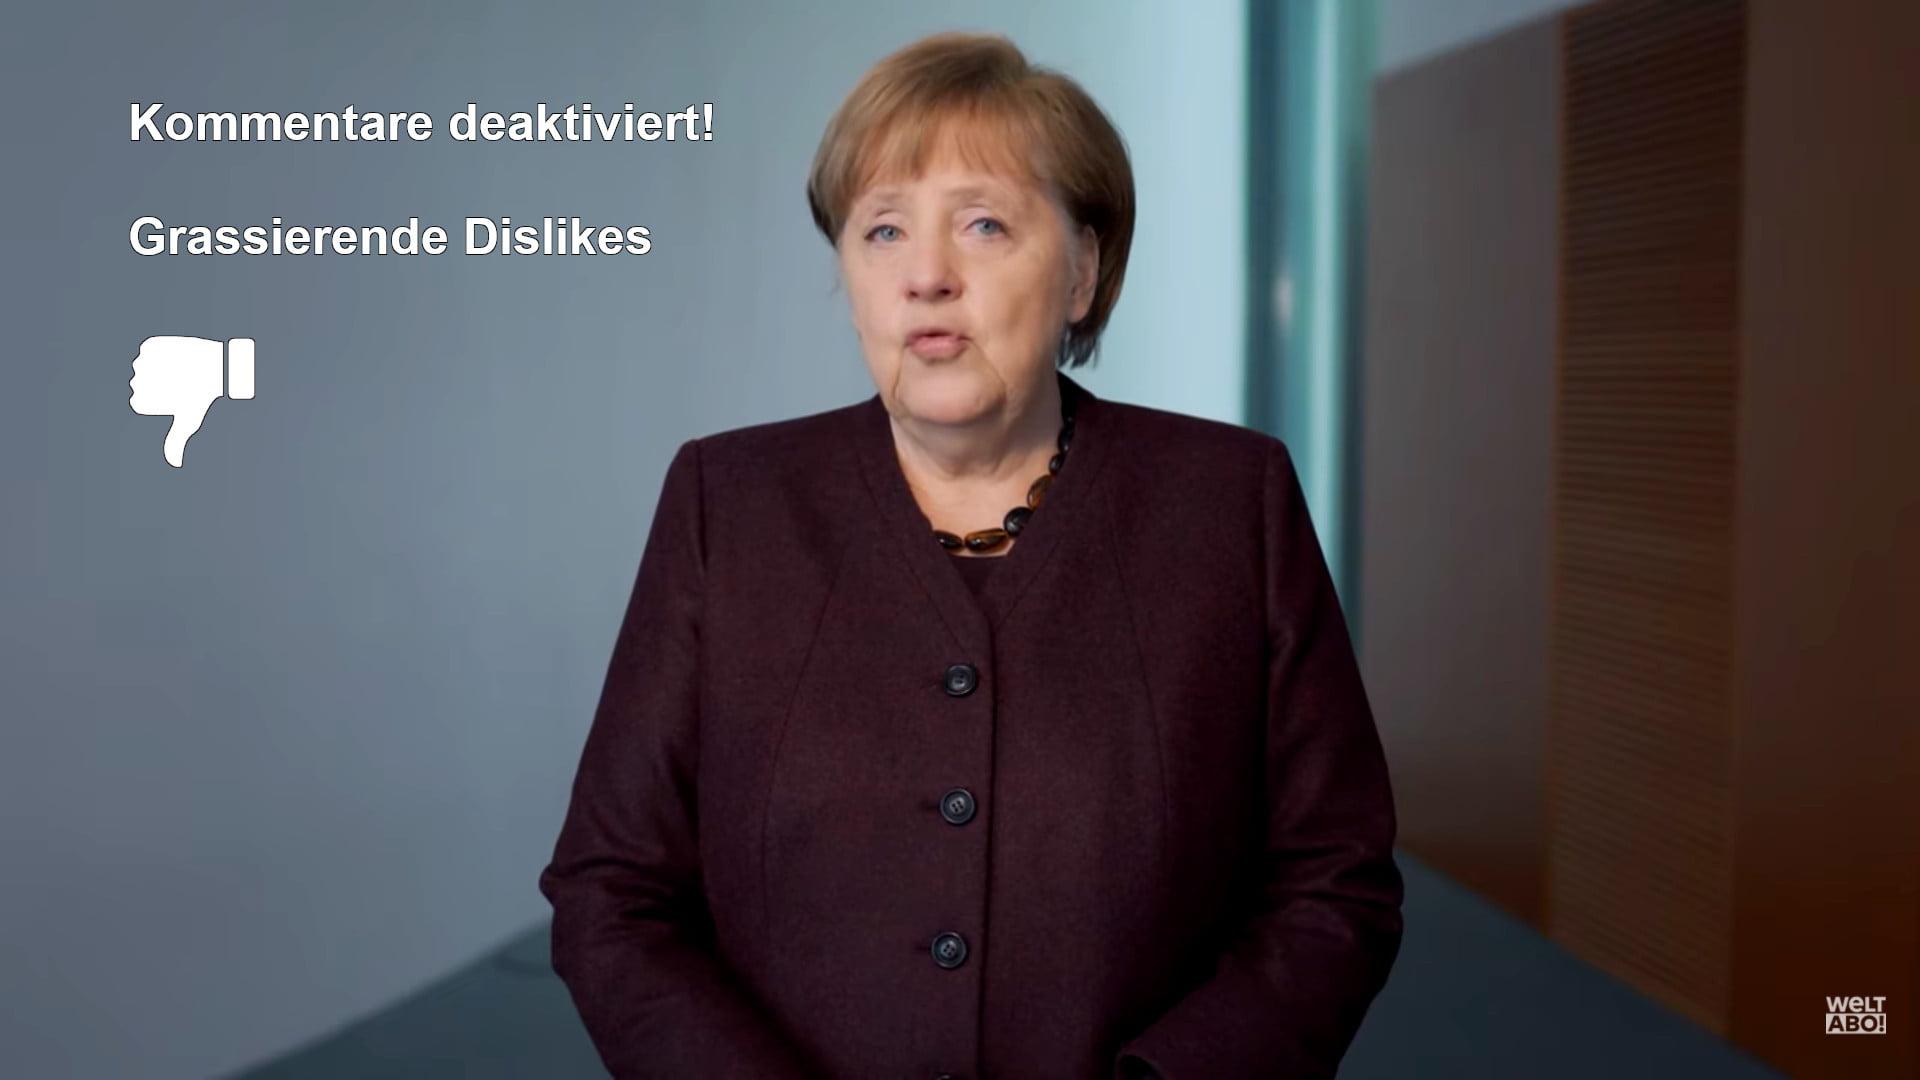 Angela Merkels Coronarede an die Nation